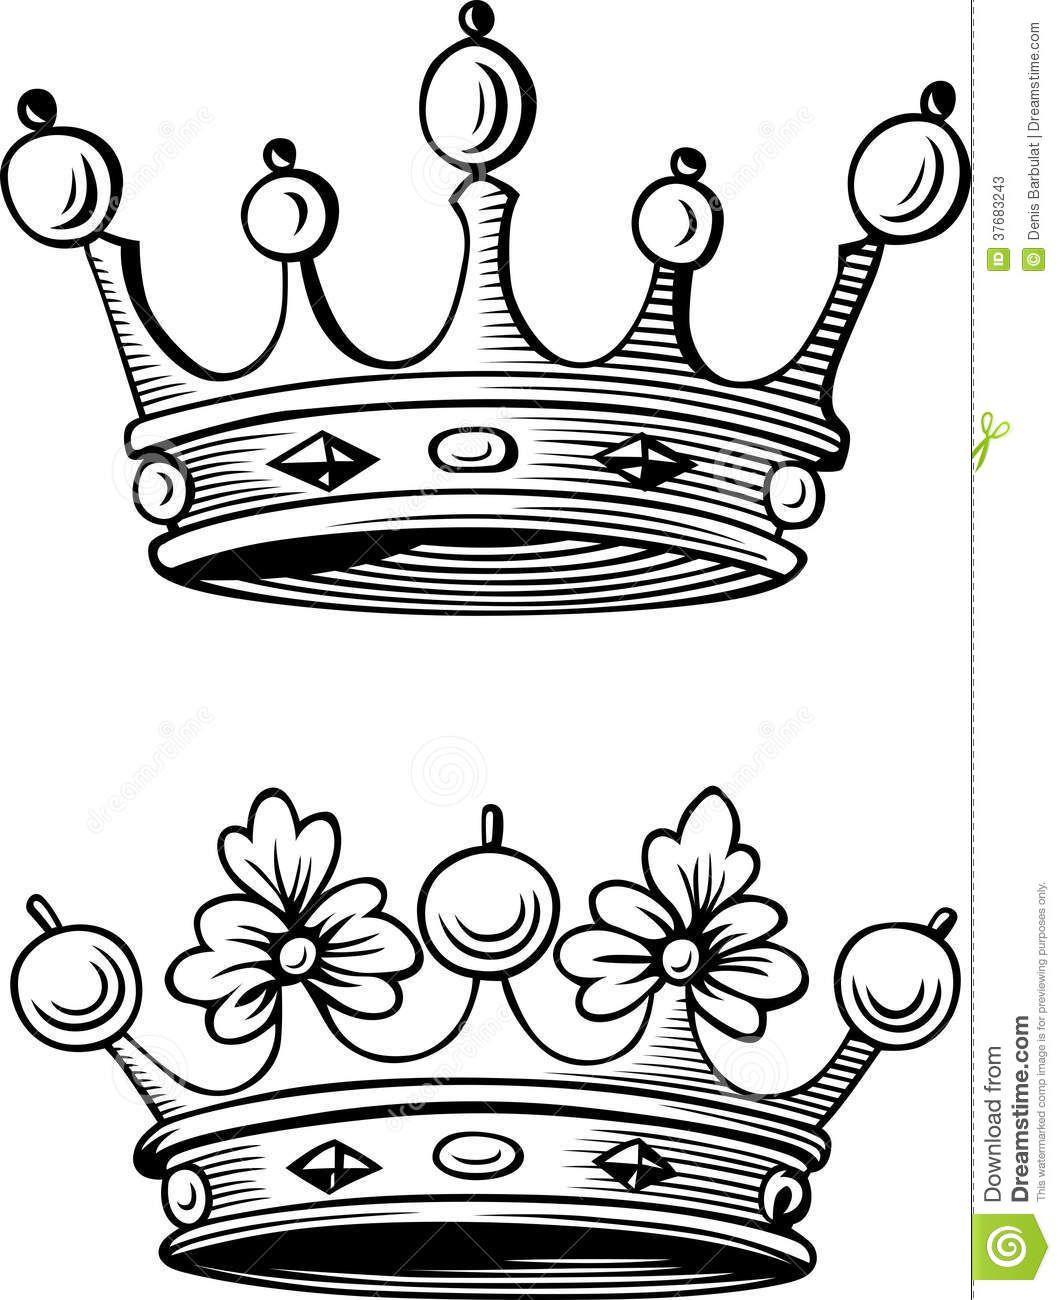 1061x1300 Resultado De Imagen Para Coronas Rey Y Reina Applique Princess